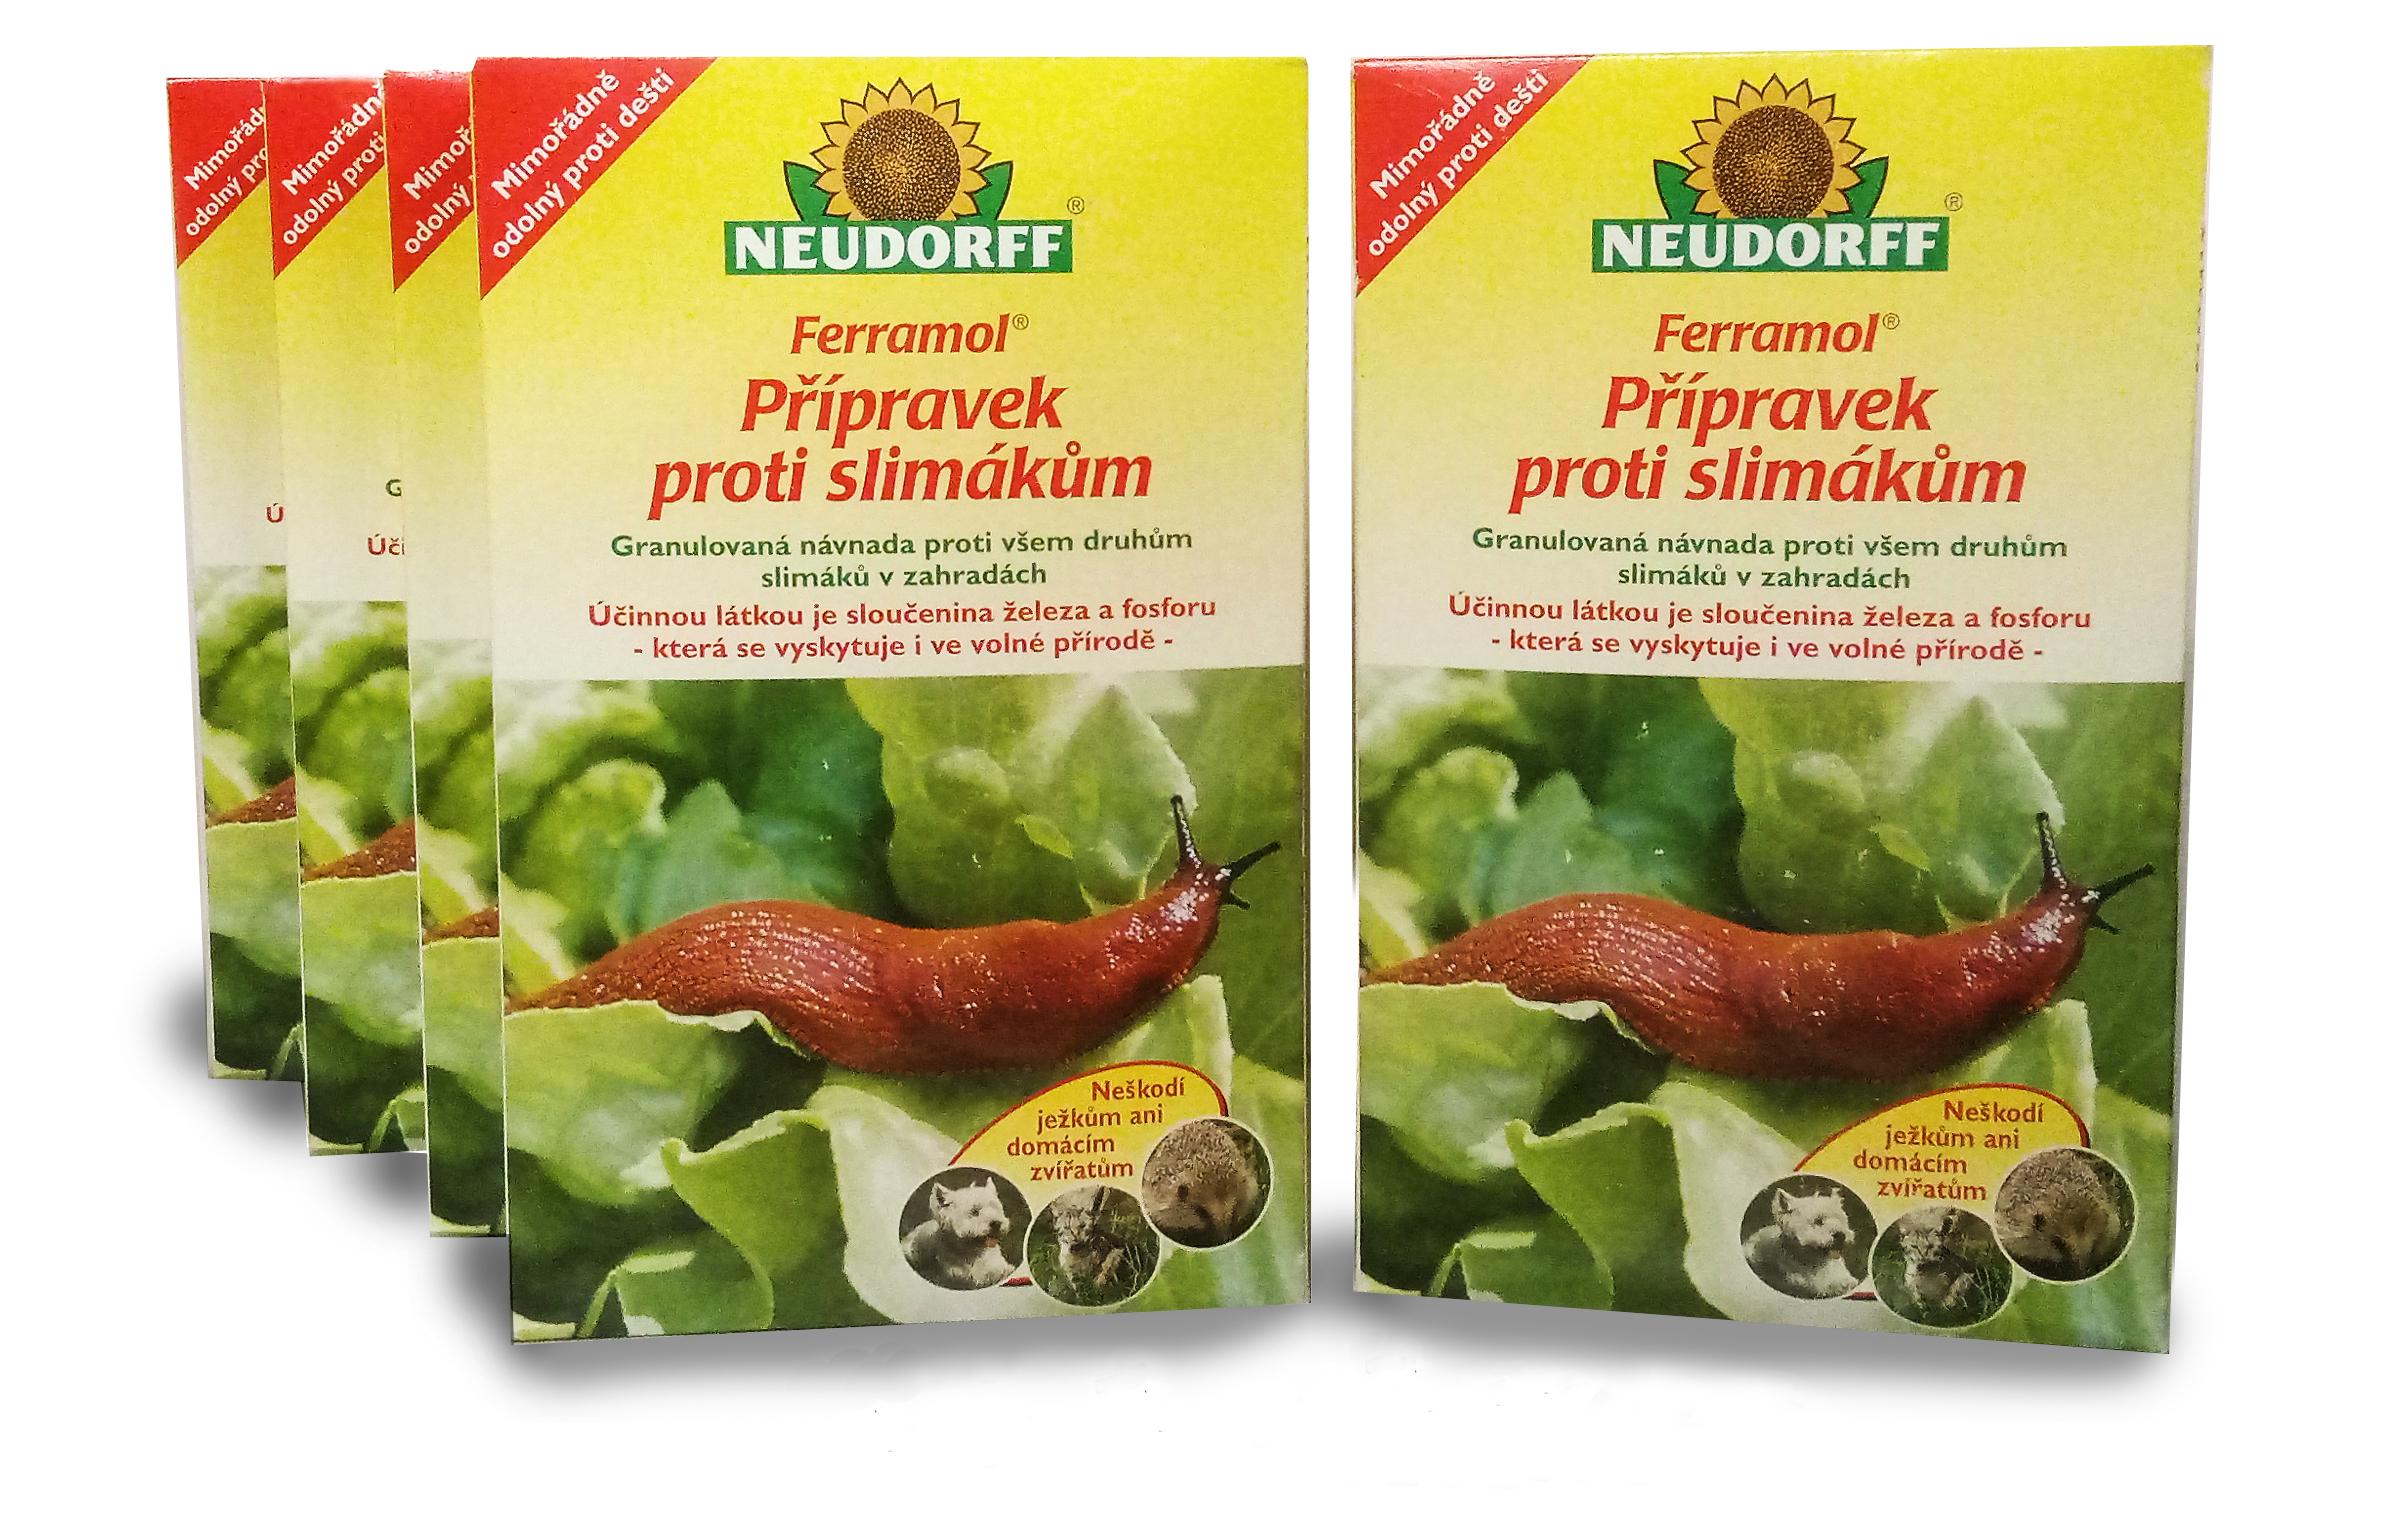 Neudorff Ferramol 5kg - prípravok proti slimákom